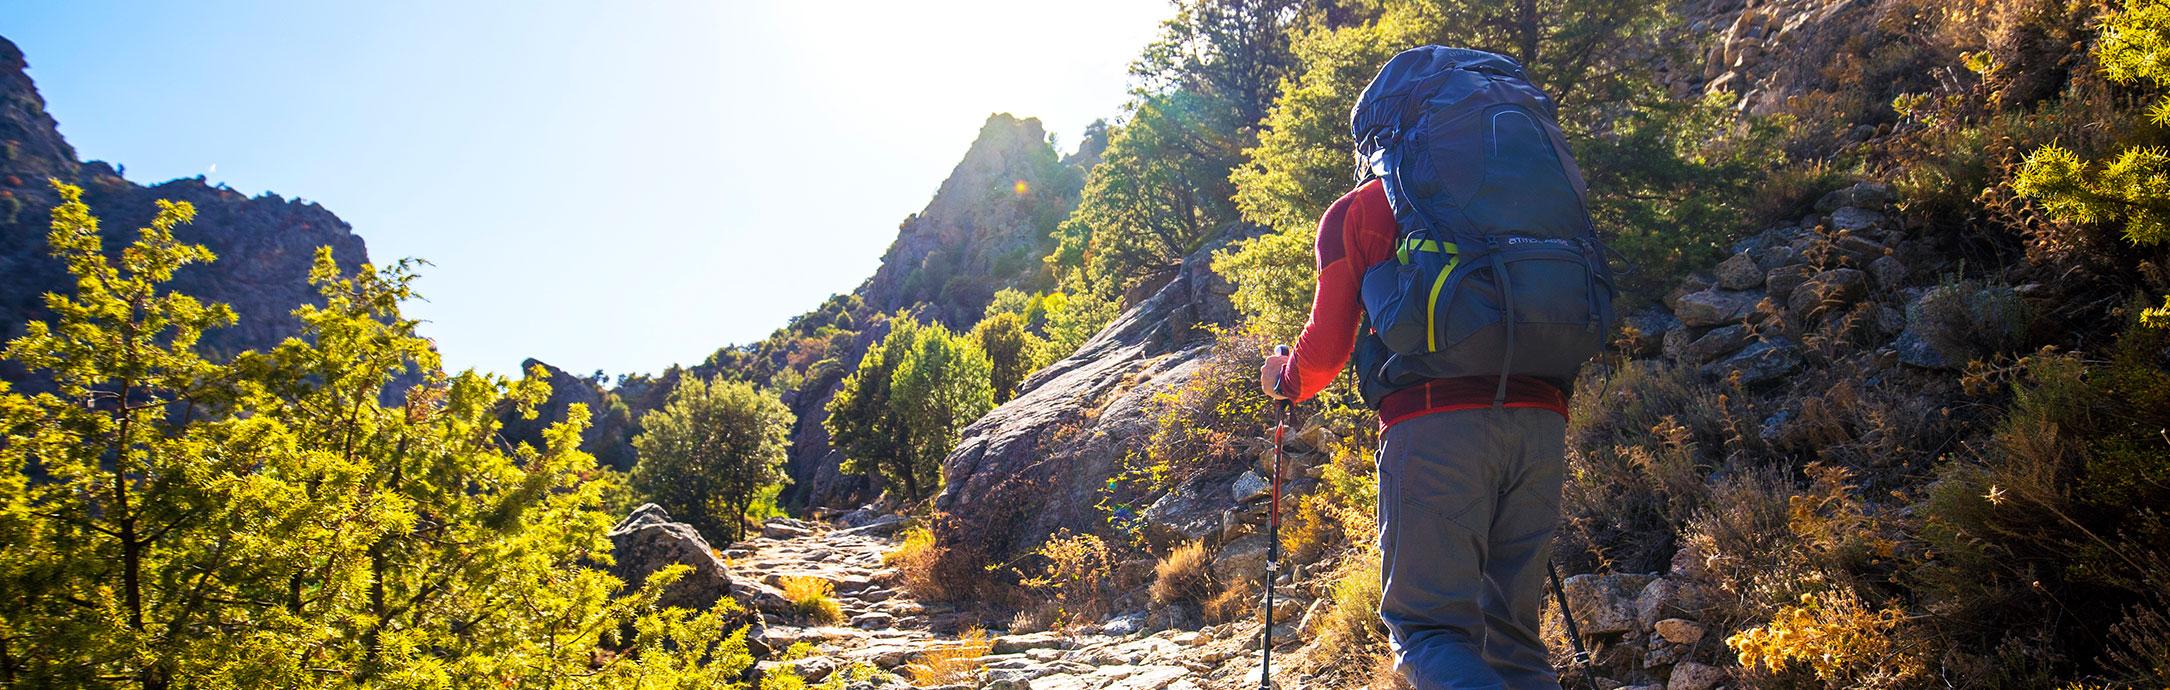 کوله پشتی کوهنوردی آسپری